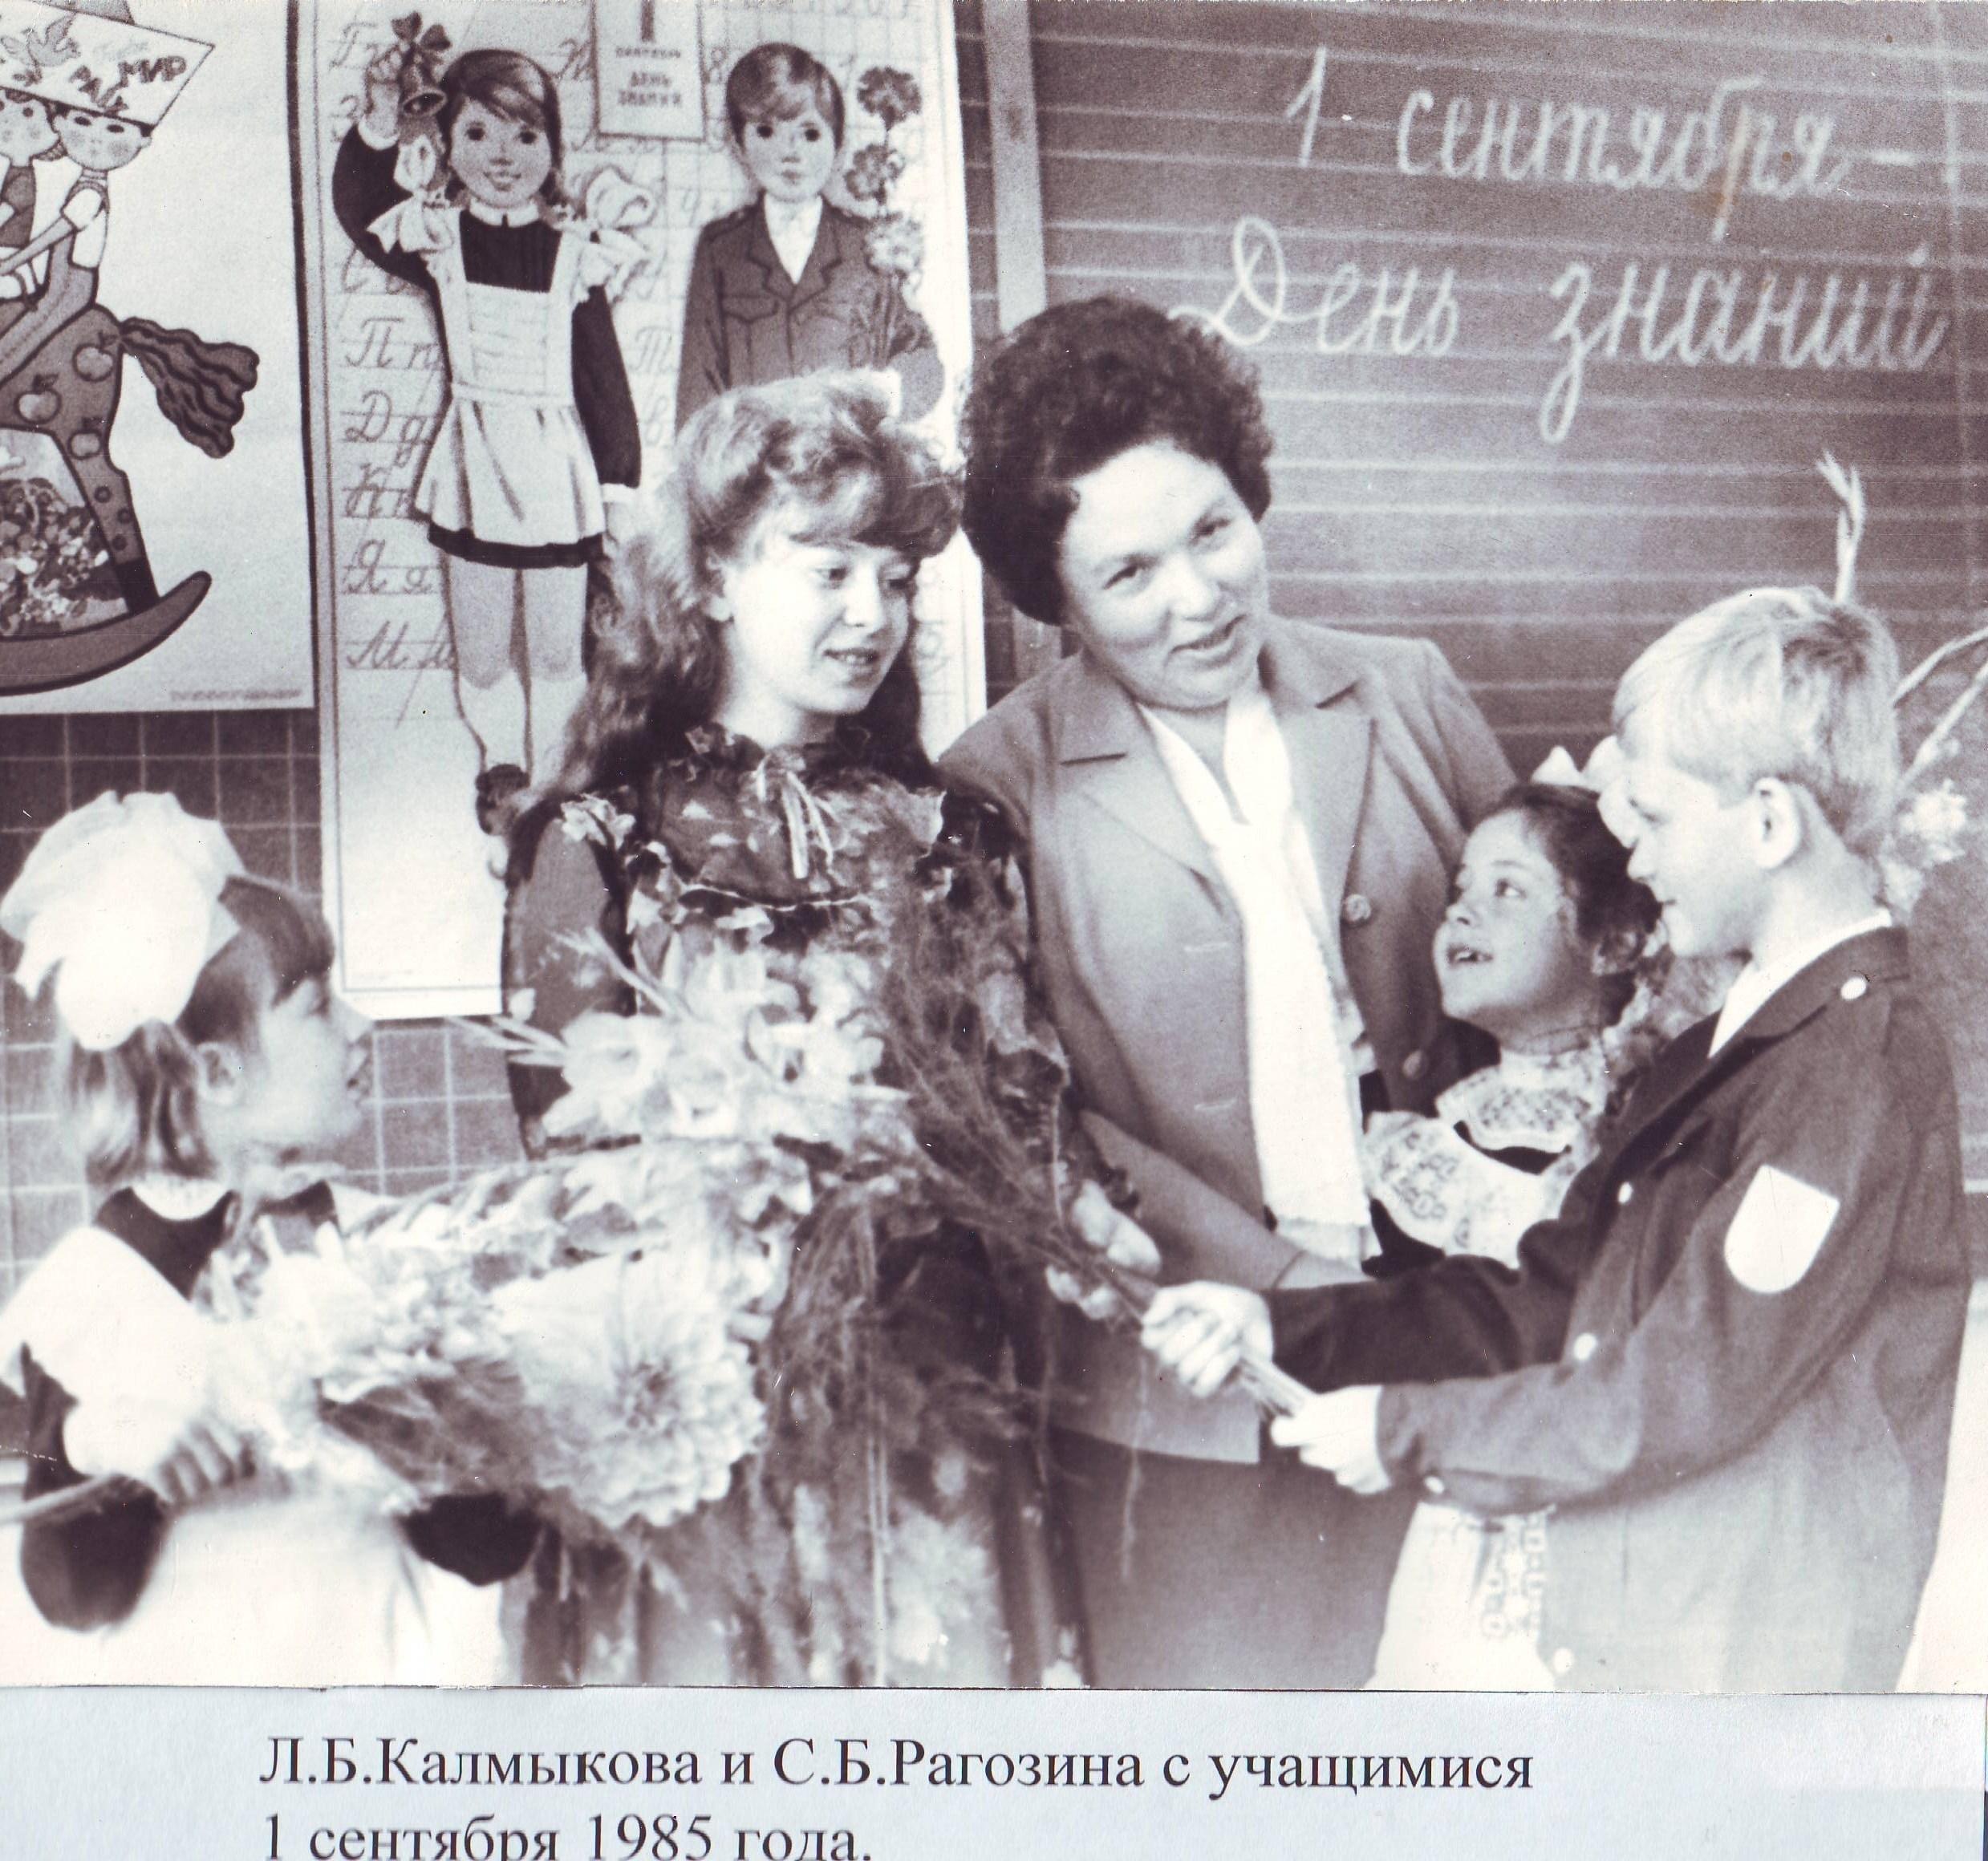 Л.Б.Калмыкова и С.Б.Рагозина 1 сентября 1985 года